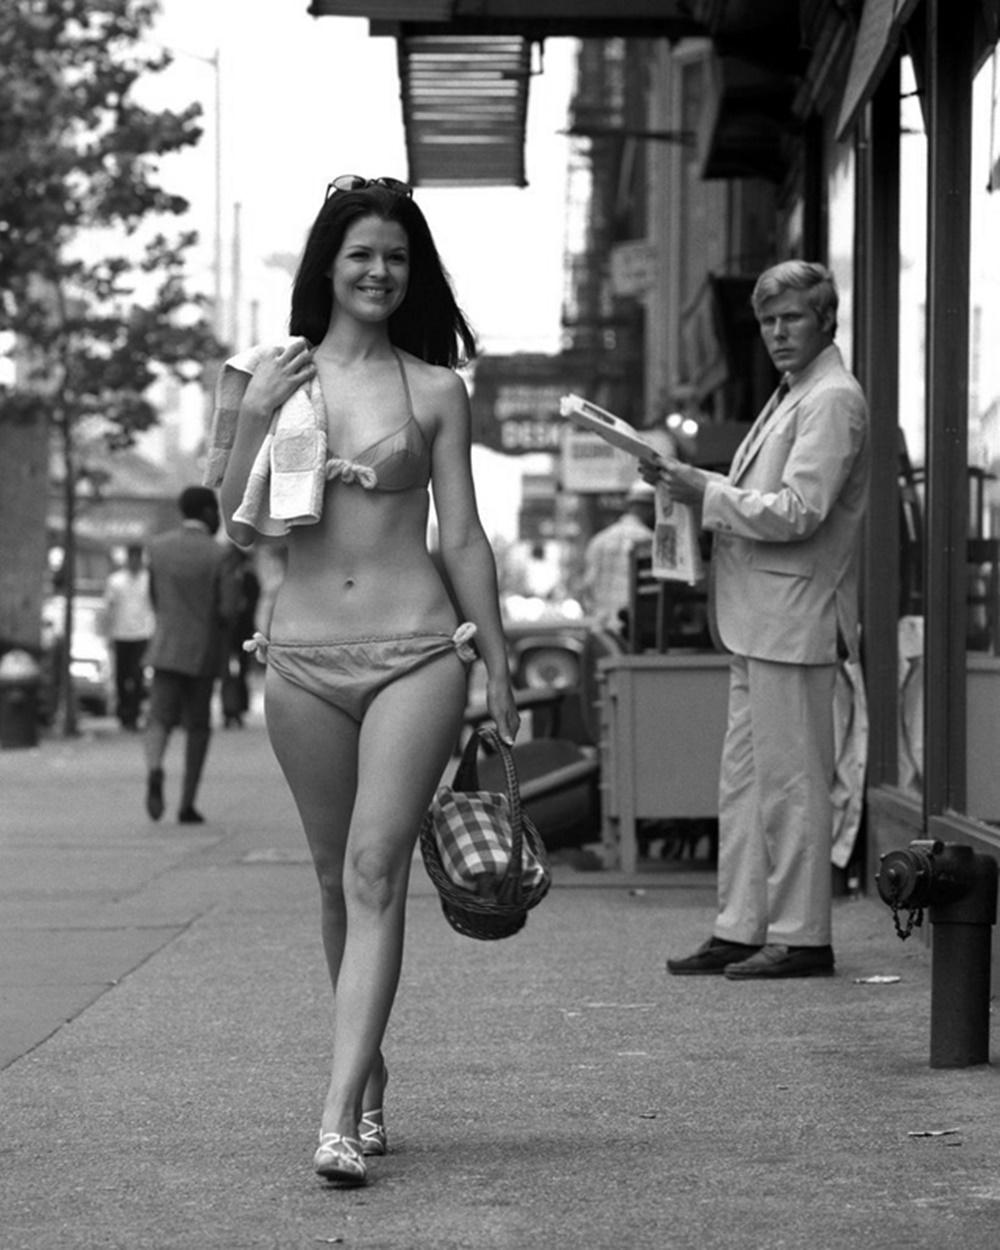 Видео голые ходят по улице занятиях балетом видео